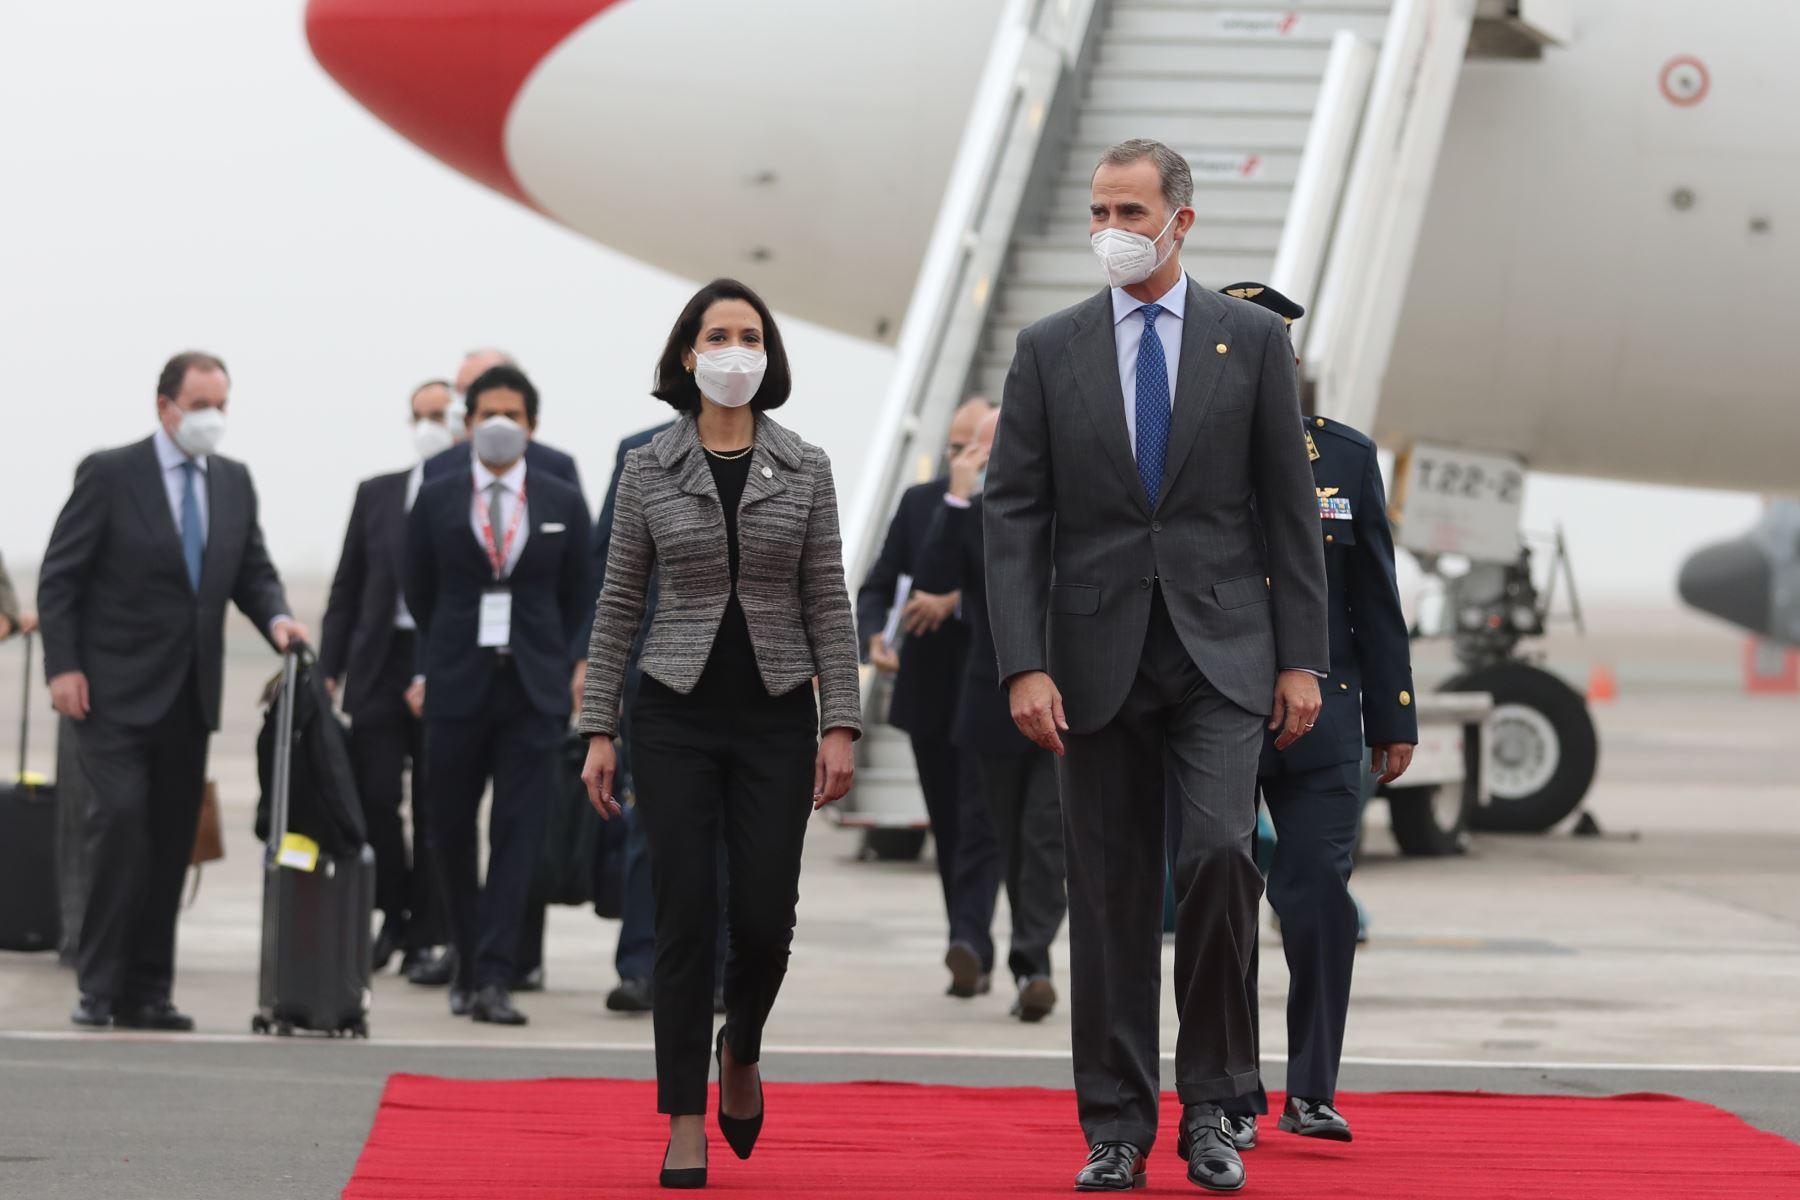 Al pisar suelo peruano, Felipe VI fue recibido por la ministra de Comercio Exterior y Turismo, Claudia Cornejo. Foto: ANDINA/Andrés Valle